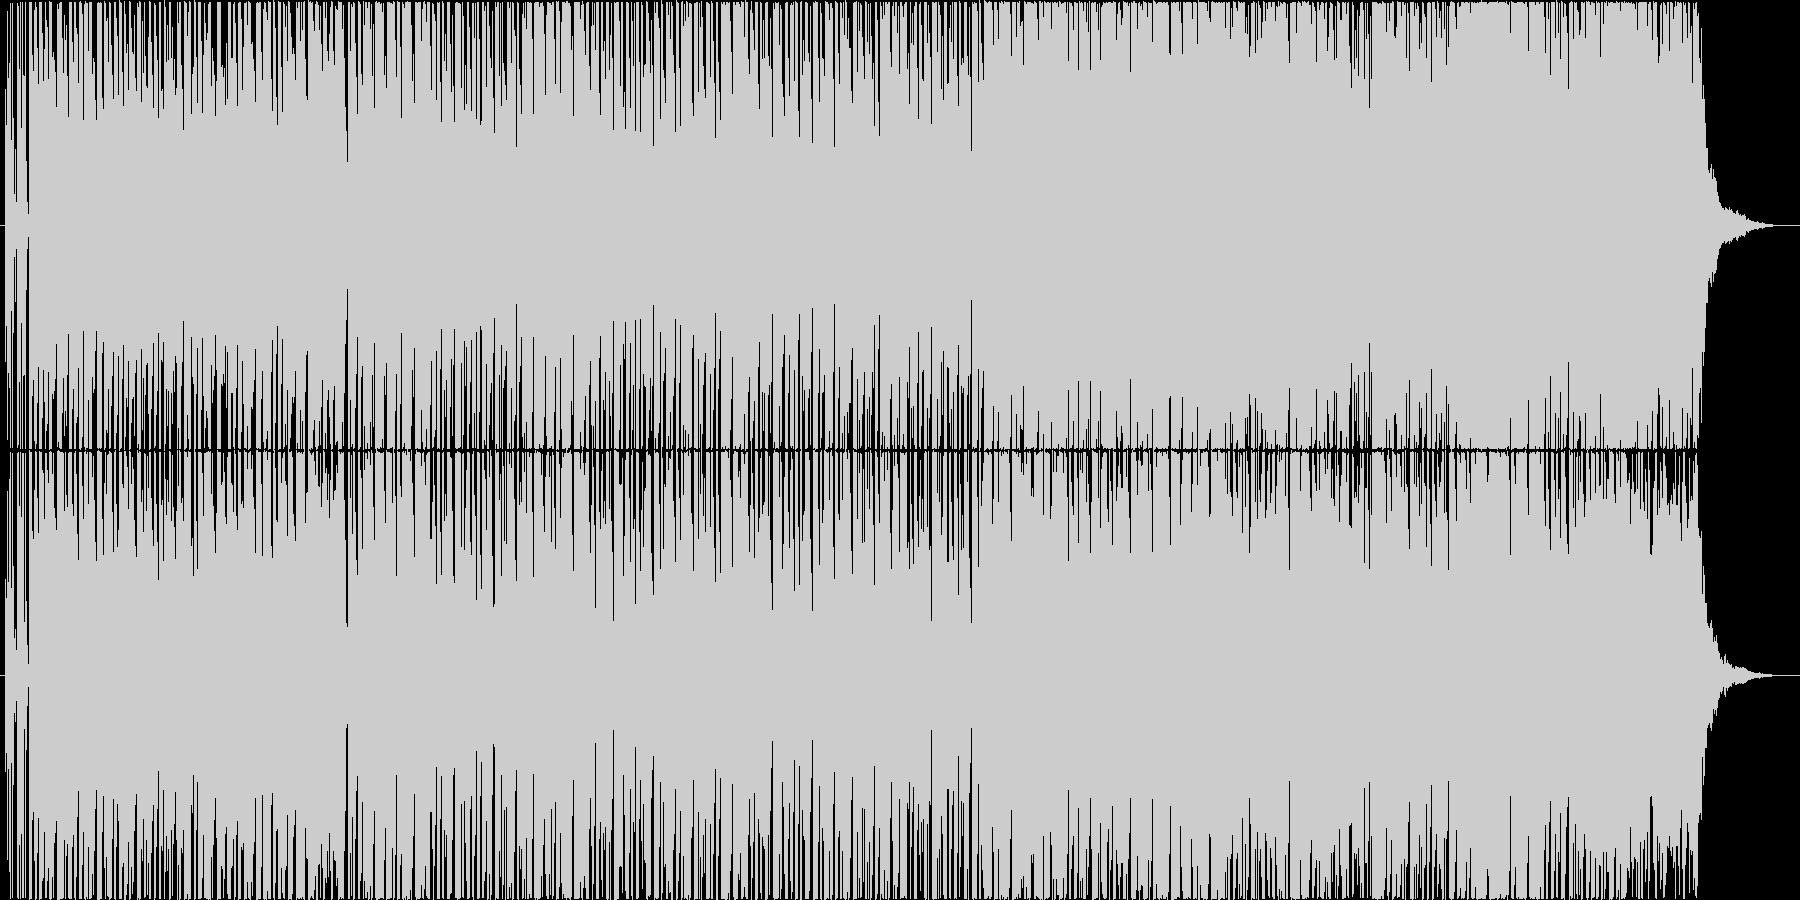 シンセとバイオリンのゆったりしたBGMの未再生の波形